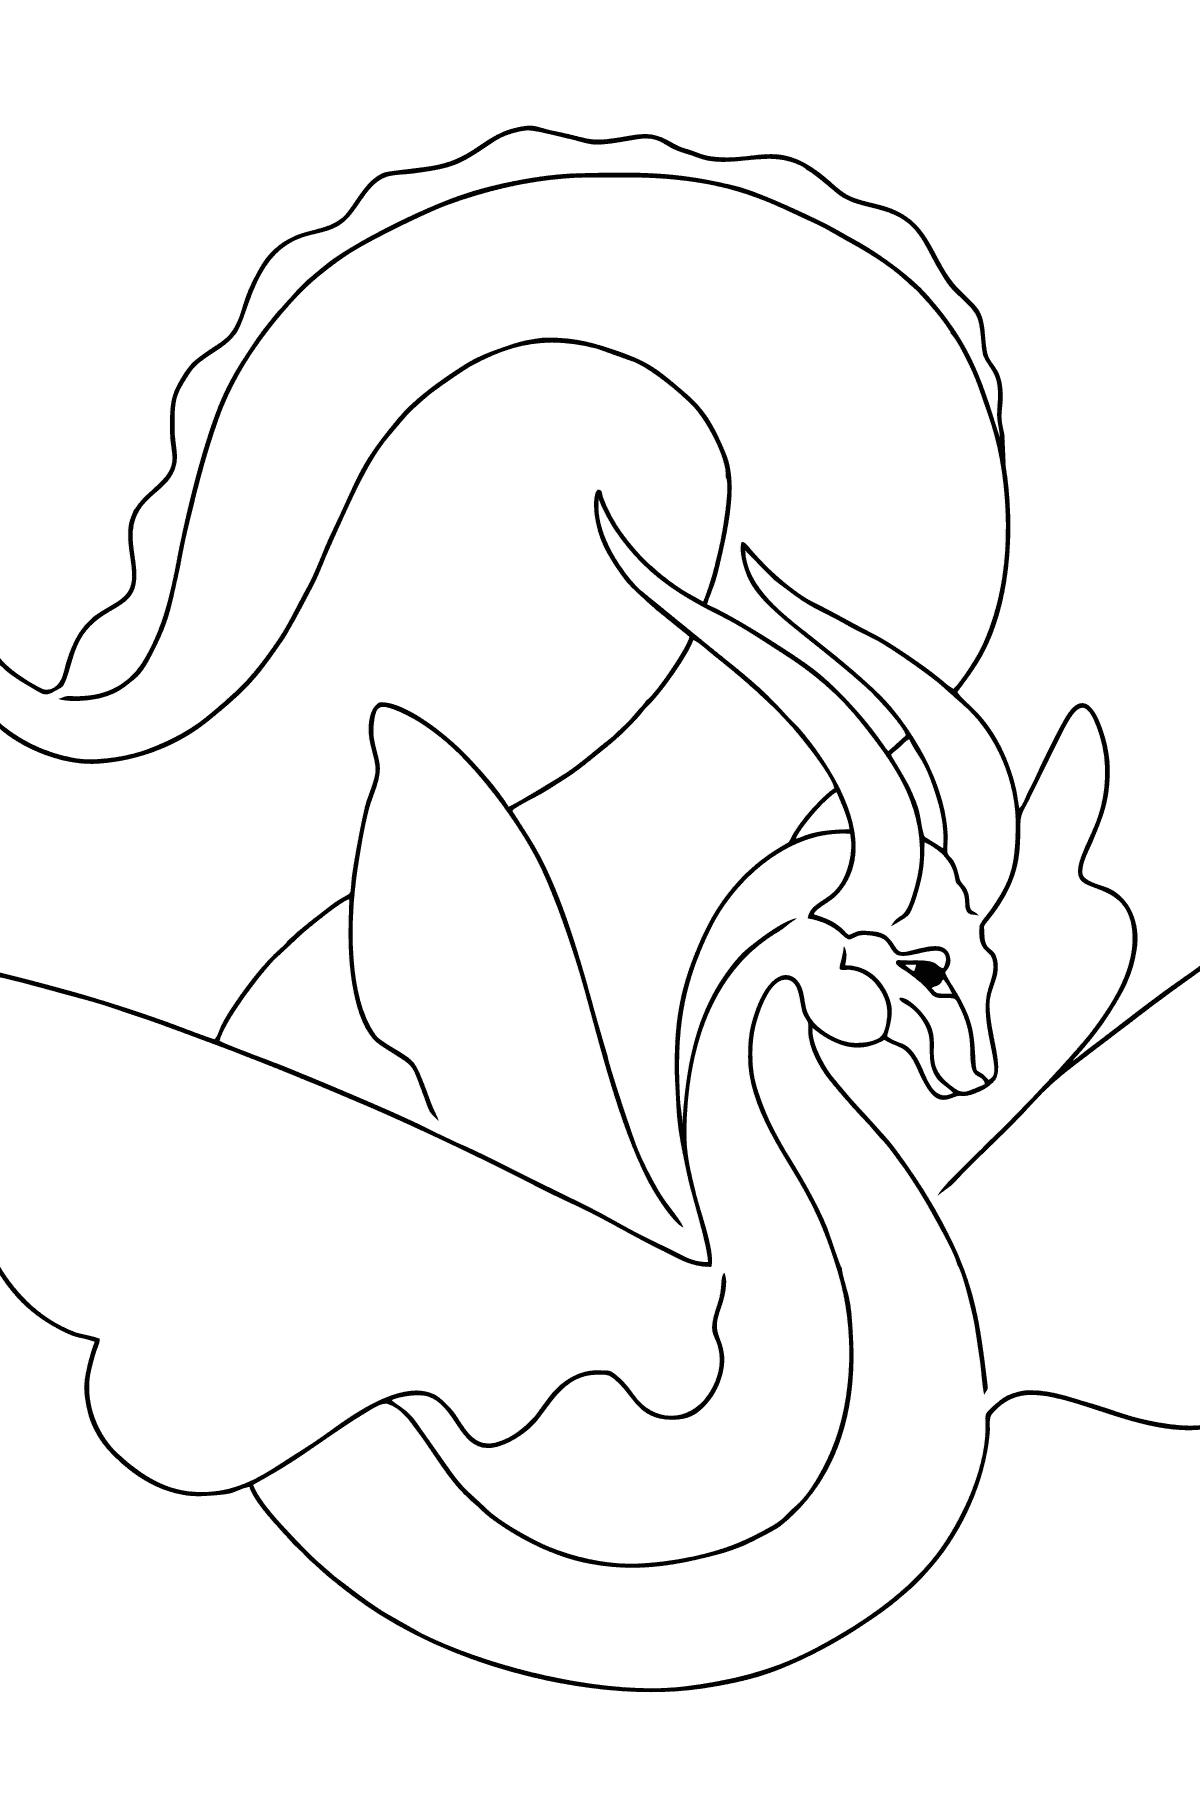 Простая Раскраска Дракон с крыльями - Картинки для Детей